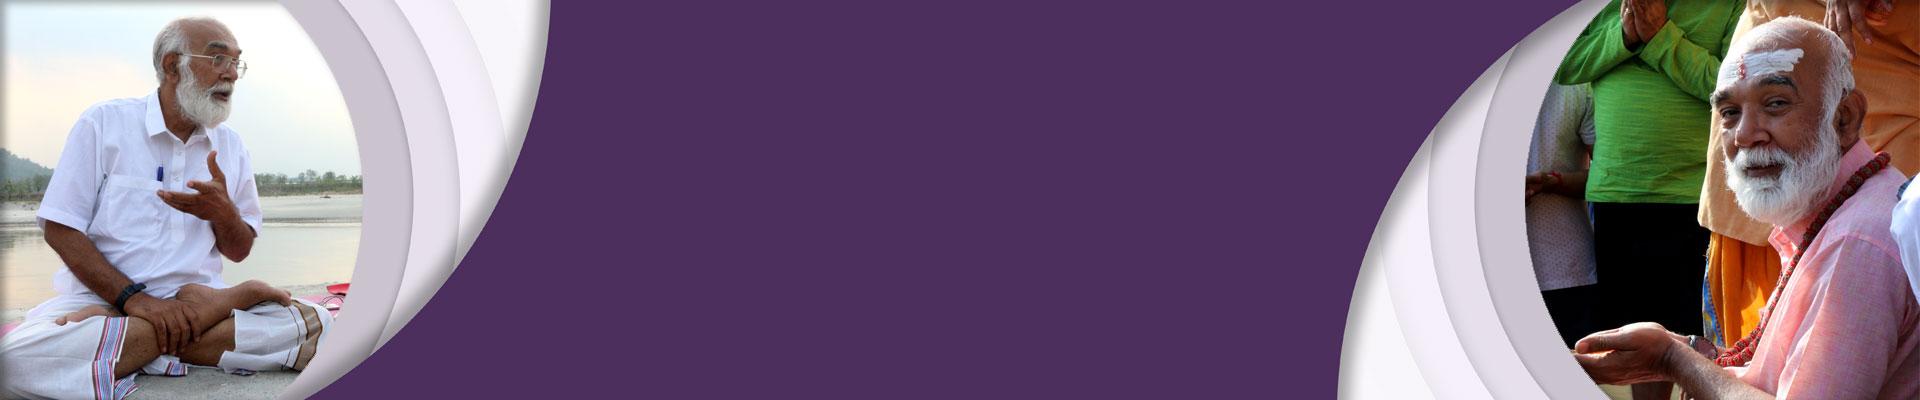 Mindfulness or Meditation purple color banner